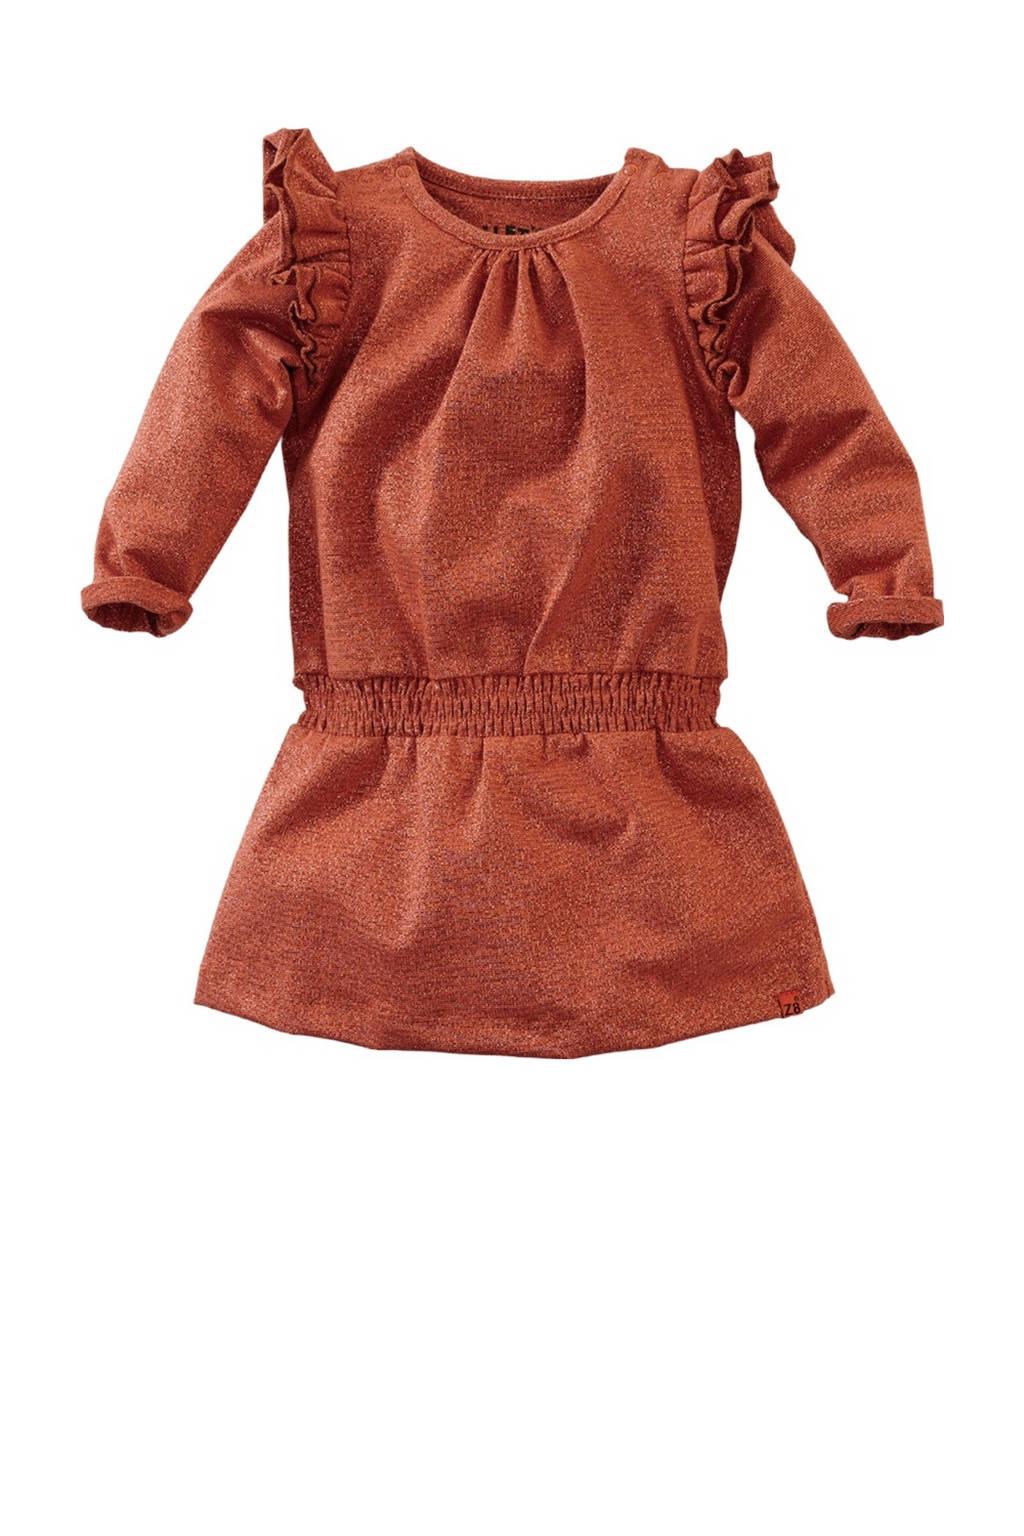 Z8 jurk Celia met glitters brique, Brique